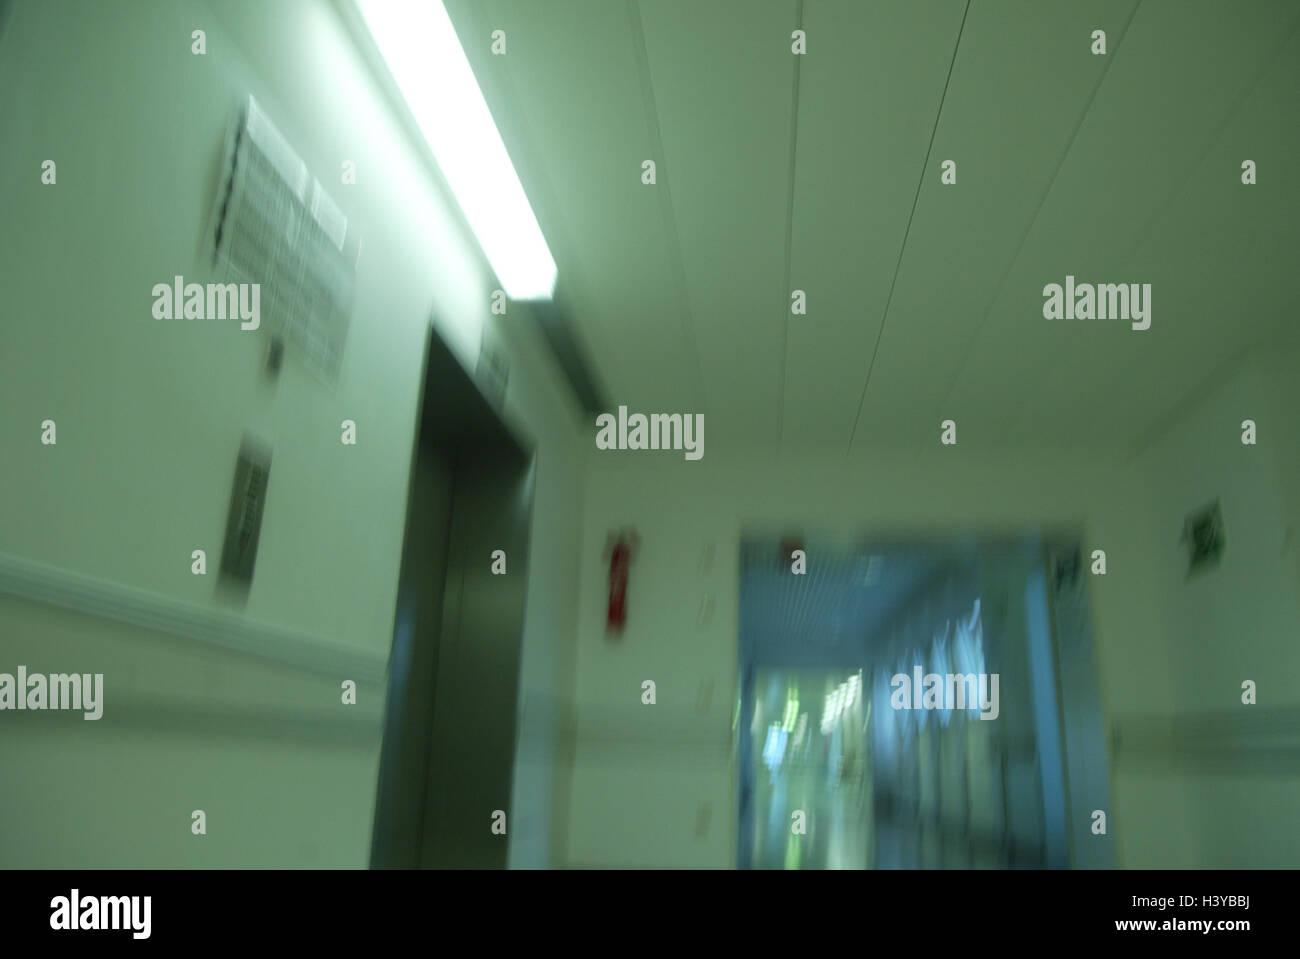 Ospedale hall illuminazione dettaglio blur clinica medicina